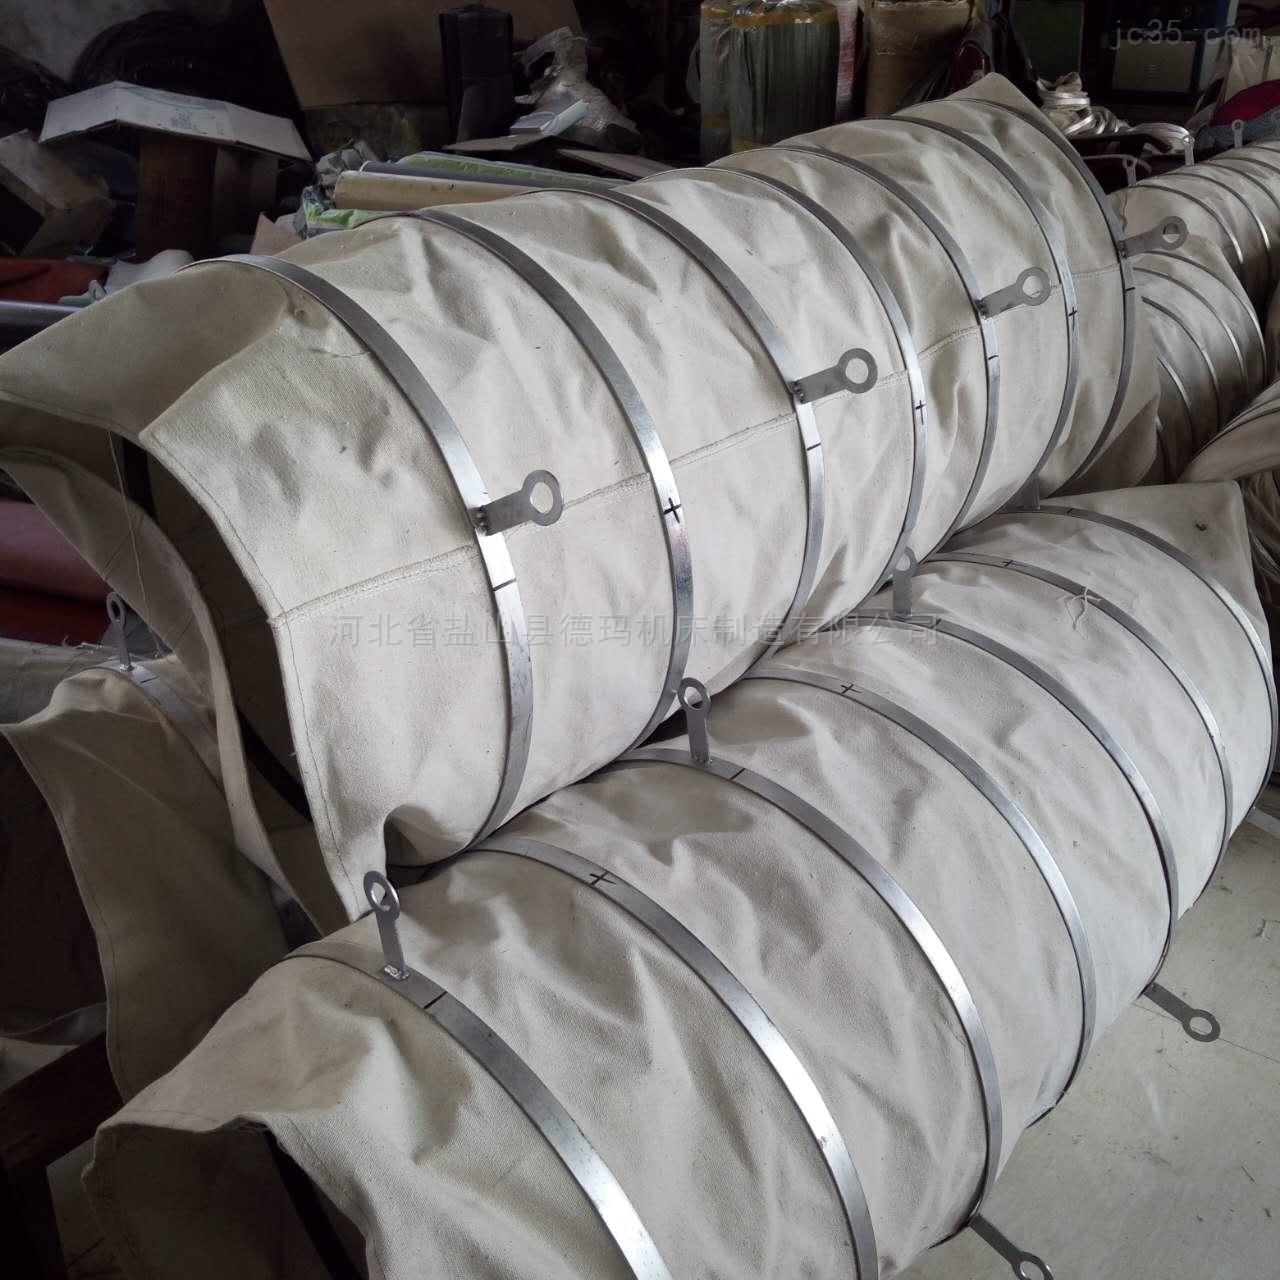 200--2300/600--55000-帆布 尼龙布 挂胶布 下料口布筒、布袋